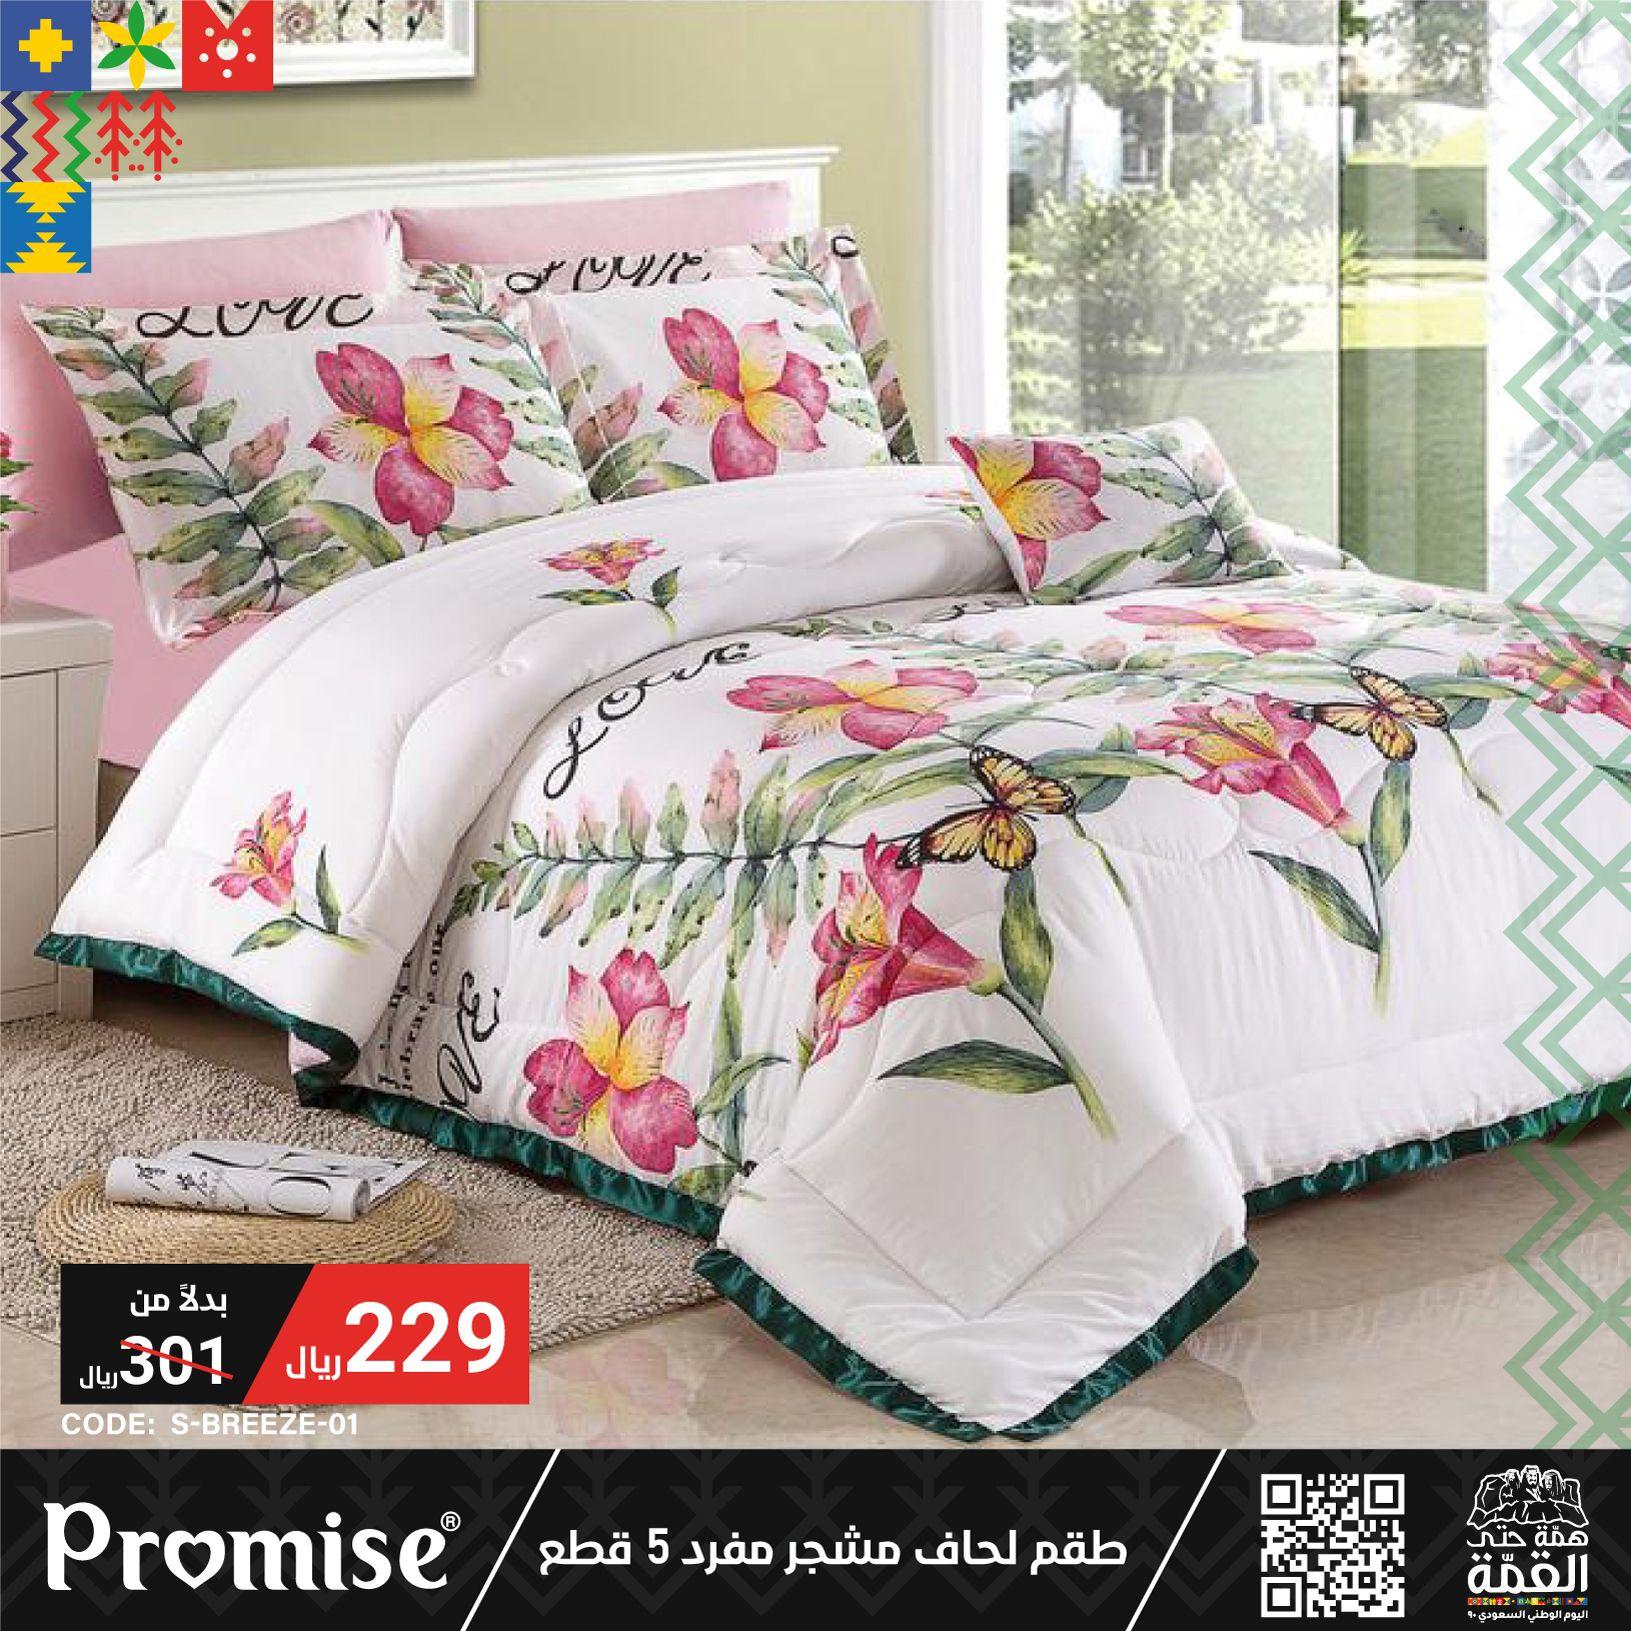 جددي غرفة نوم اولادك مع مفارشنا المتميزة بالوانها وتشكيلتها الجذابة لتناسب جميع الأذواق Bed Blanket Comforters